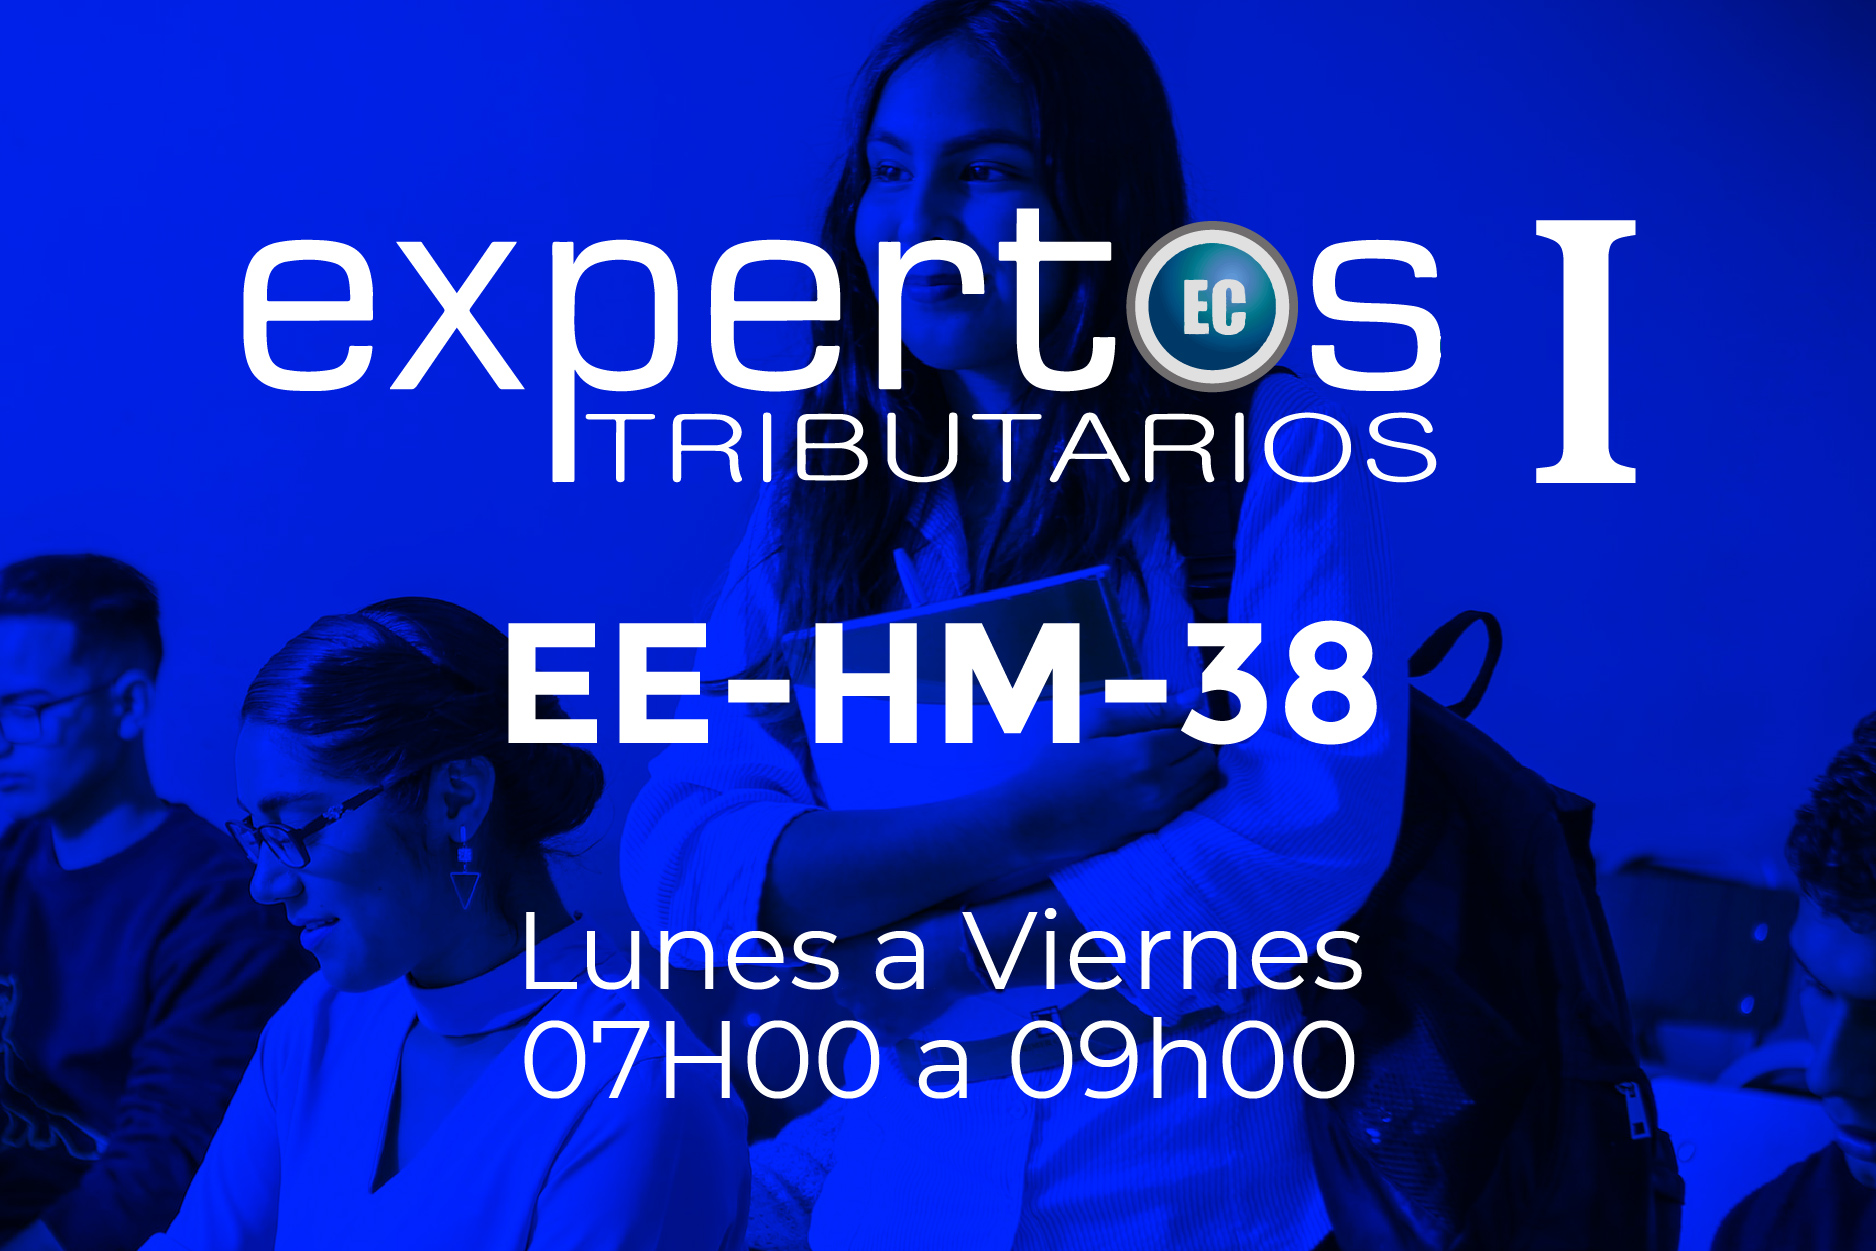 38 - EXPERTOS TRIBUTARIOS - LUNES A VIERNES - 07:00 A 09:00